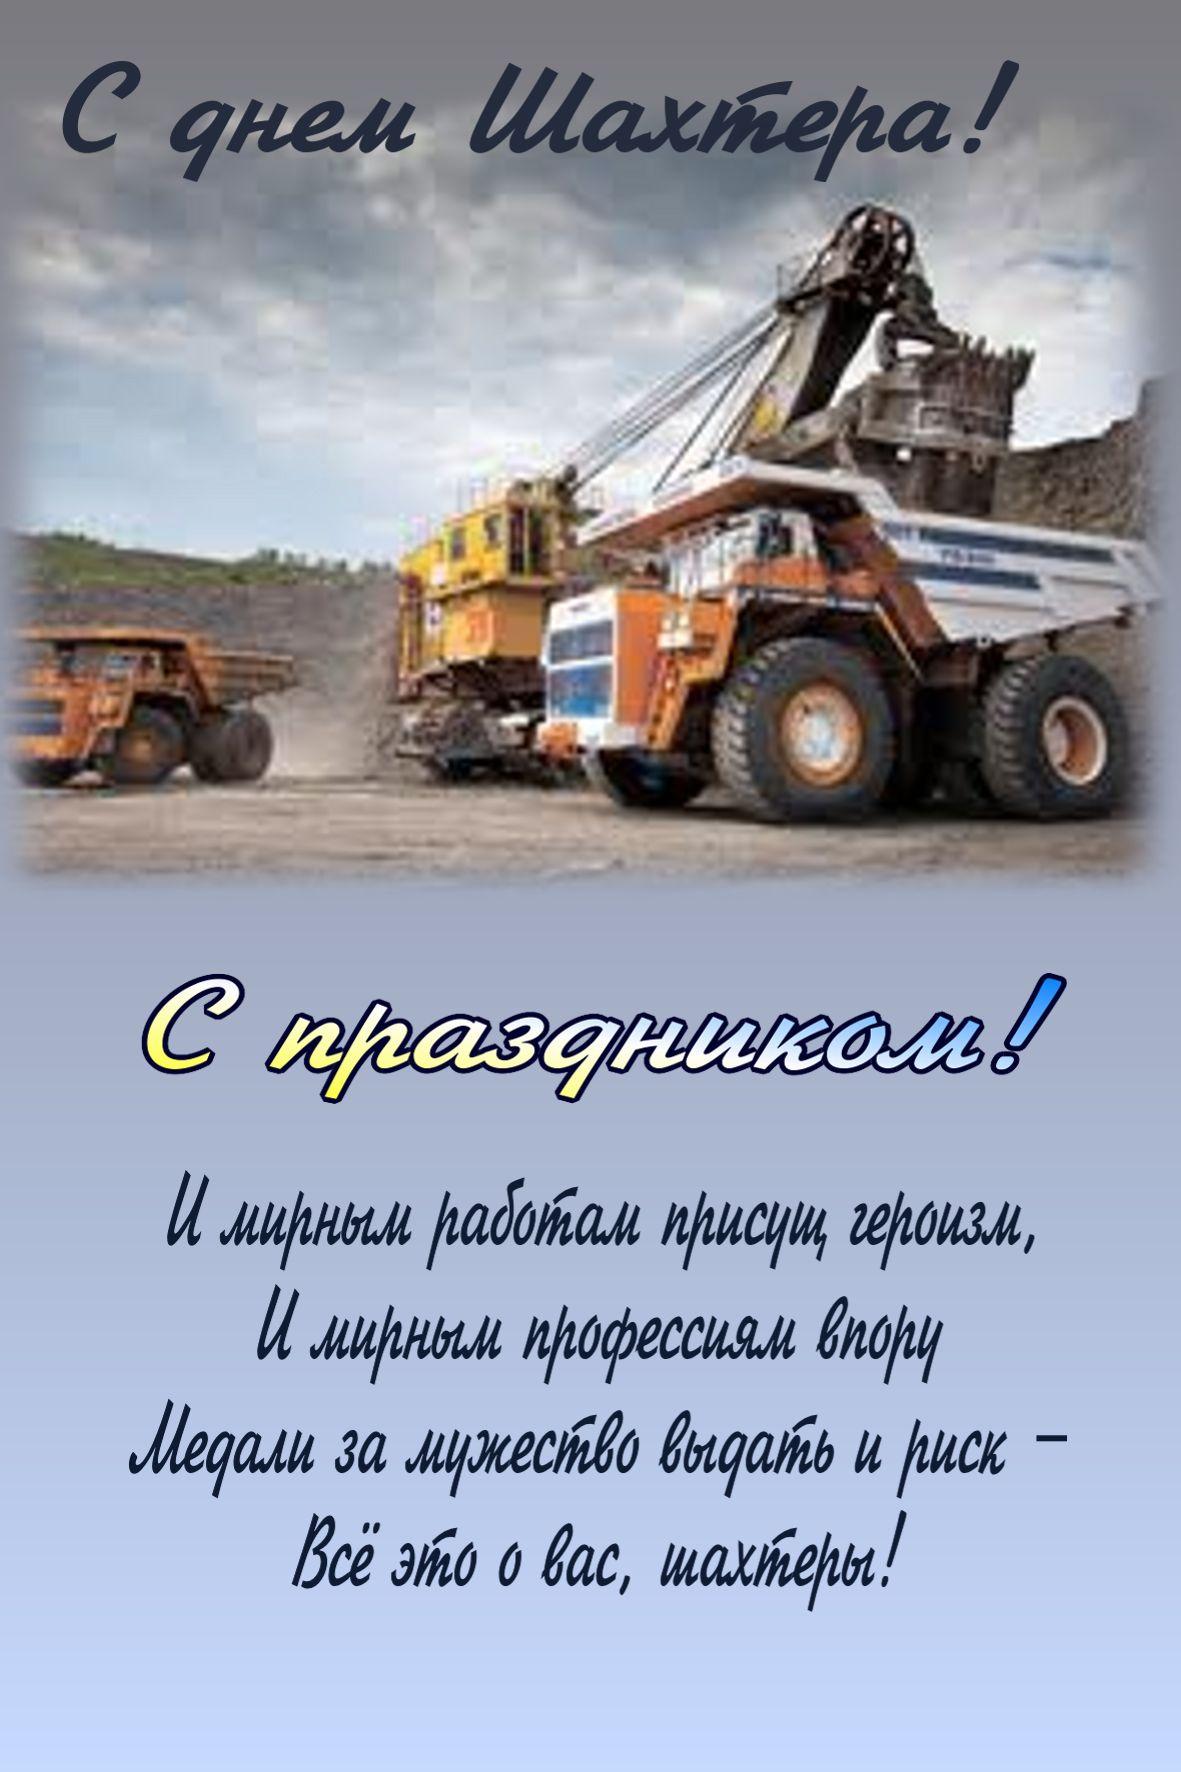 Открытки с днем шахтера на телефон, картинки благодарностью